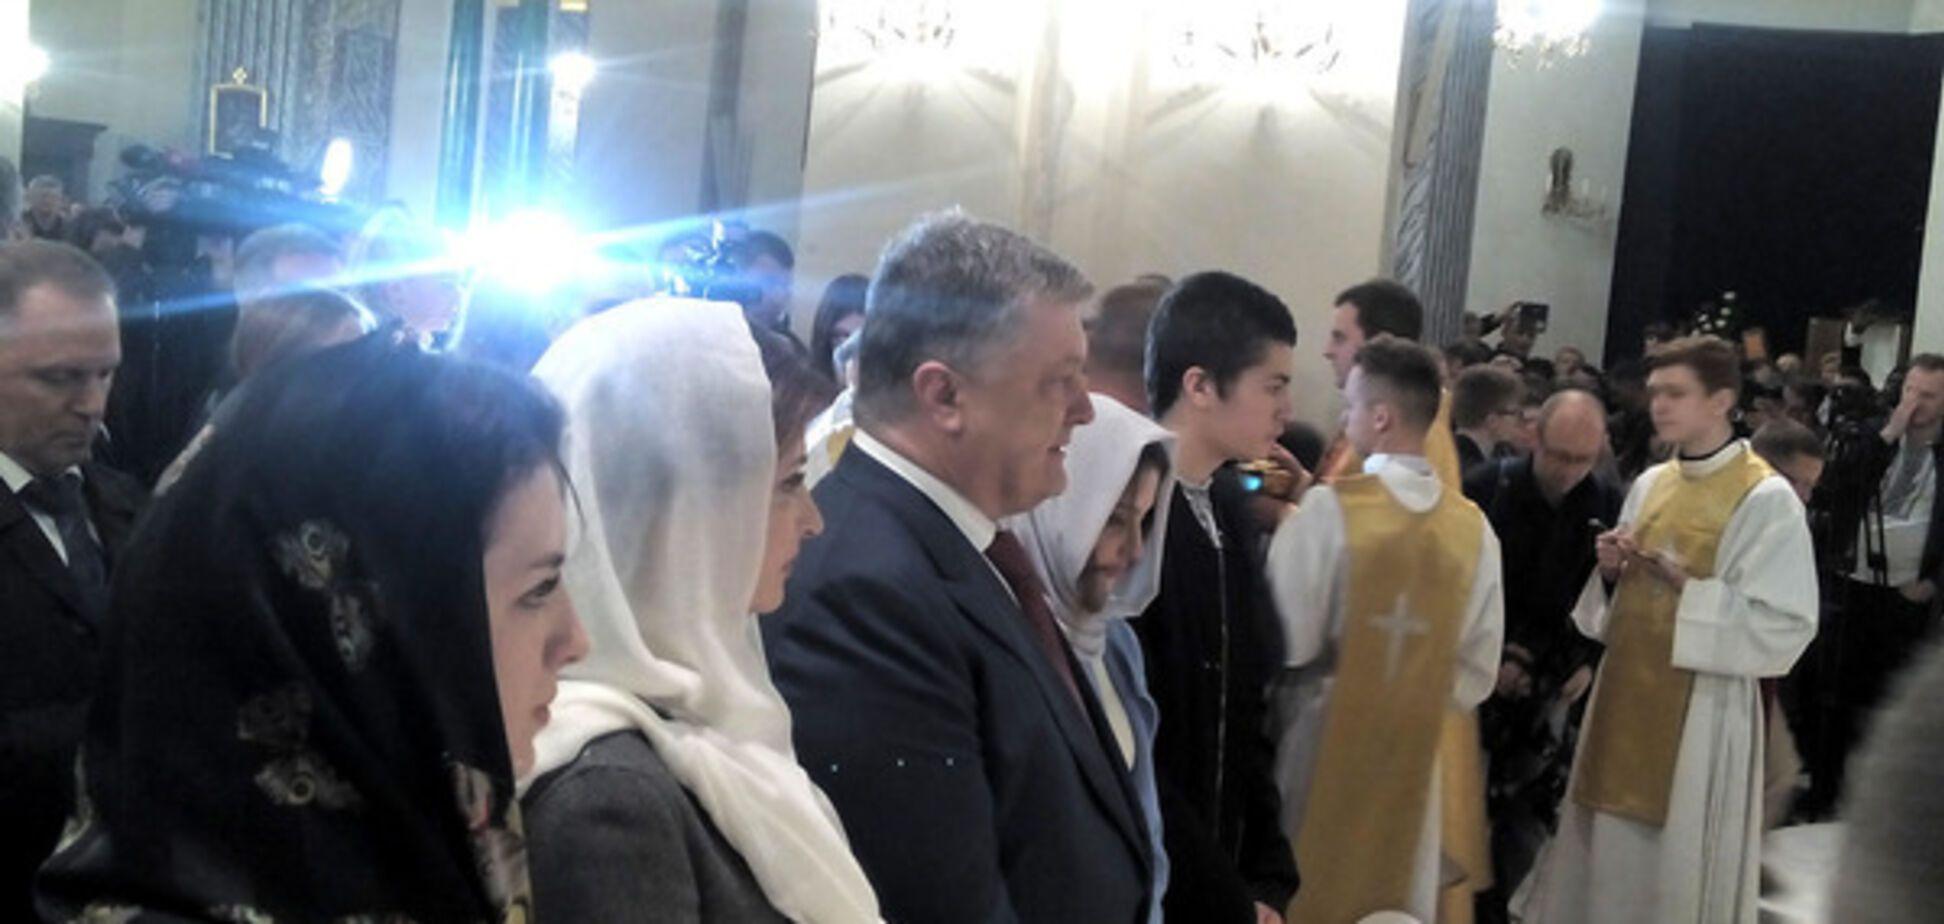 Порошенко побывал на мессе в киевском костеле. Видеофакт